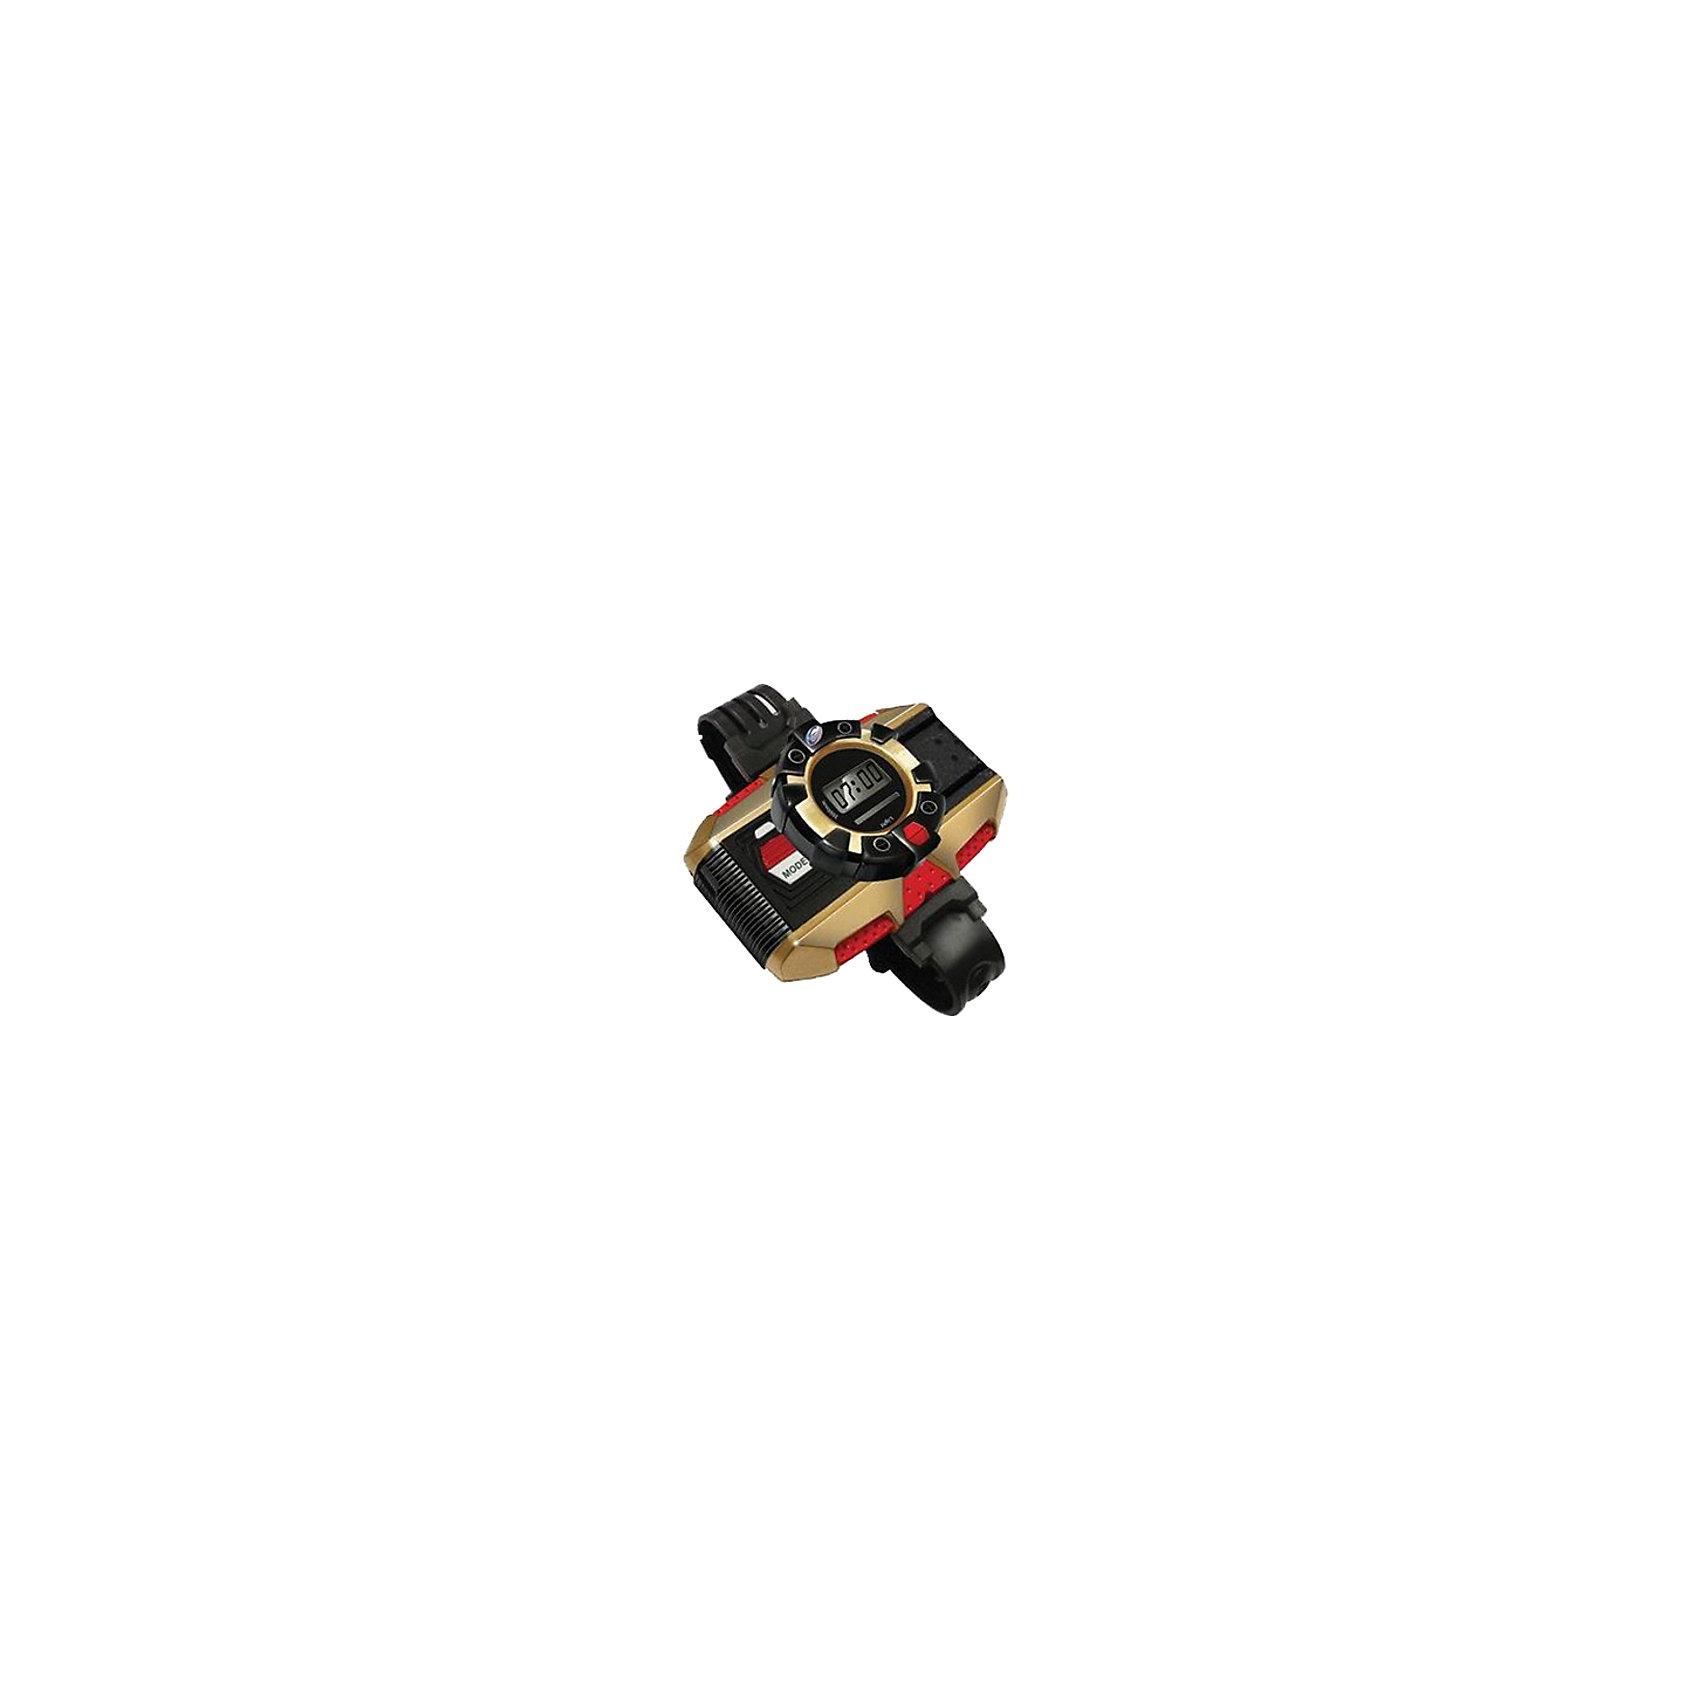 Eastcolight Цифровая мини-камера в виде наручных часовМини-камера для настоящего шпиона, которая замаскирована под наручные часы. С такой игрушкой можно заснять события, которые творятся вокруг и при этом остаться незамеченным. Часы имеют USB порт и подсветку, что делает их еще более удобными.<br><br>Дополнительная информация:<br><br>- Питание: от батареек.<br>- Материал: пластмасса.<br><br>Ширина мм: 170<br>Глубина мм: 80<br>Высота мм: 140<br>Вес г: 247<br>Возраст от месяцев: 72<br>Возраст до месяцев: 1188<br>Пол: Мужской<br>Возраст: Детский<br>SKU: 3220288